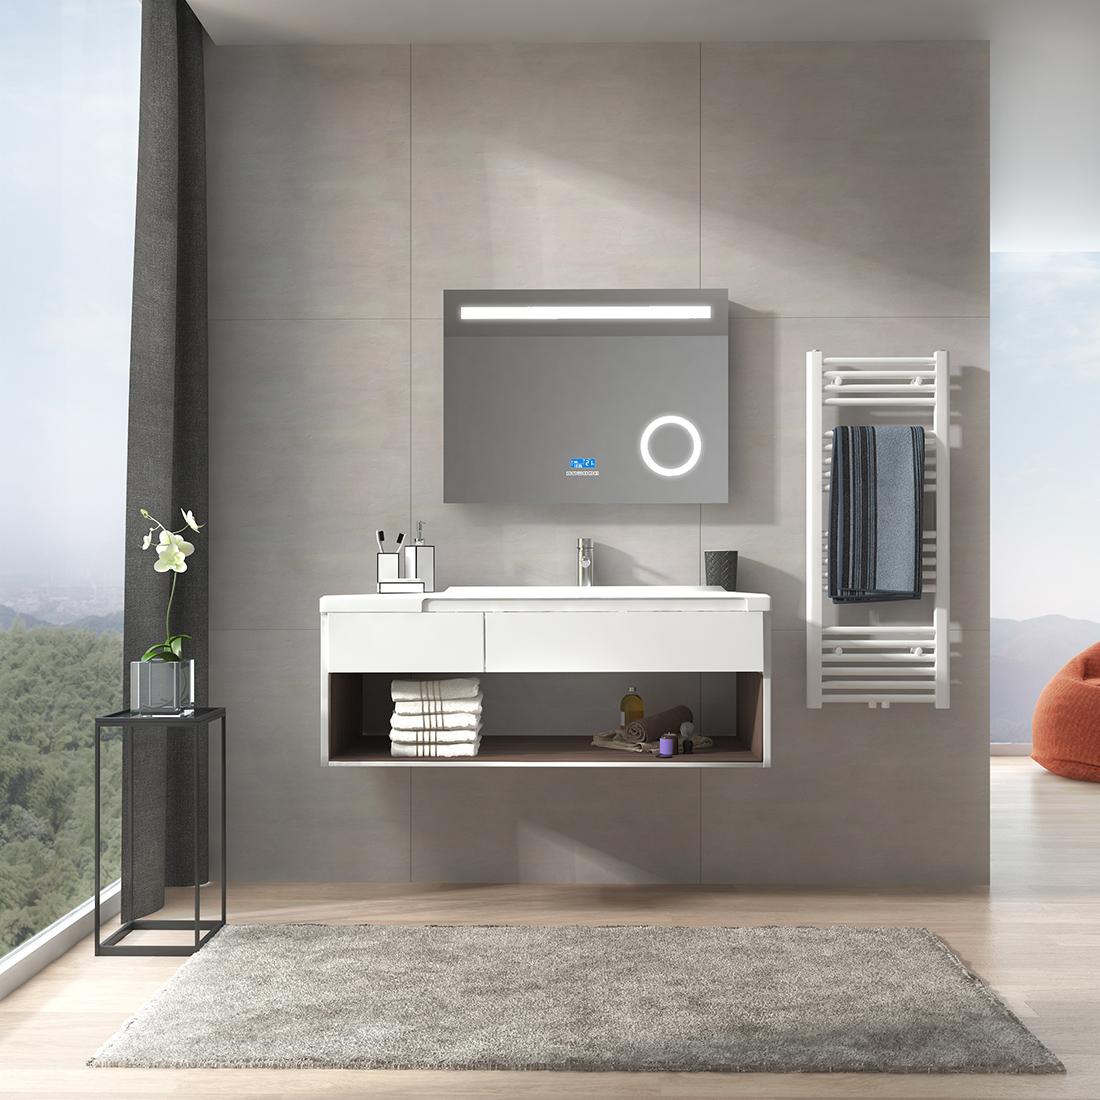 Badspiegel mit LED Beleuchtung Wandspiegel Bluetooth Touch Uhr Spiegel 80x60 cm